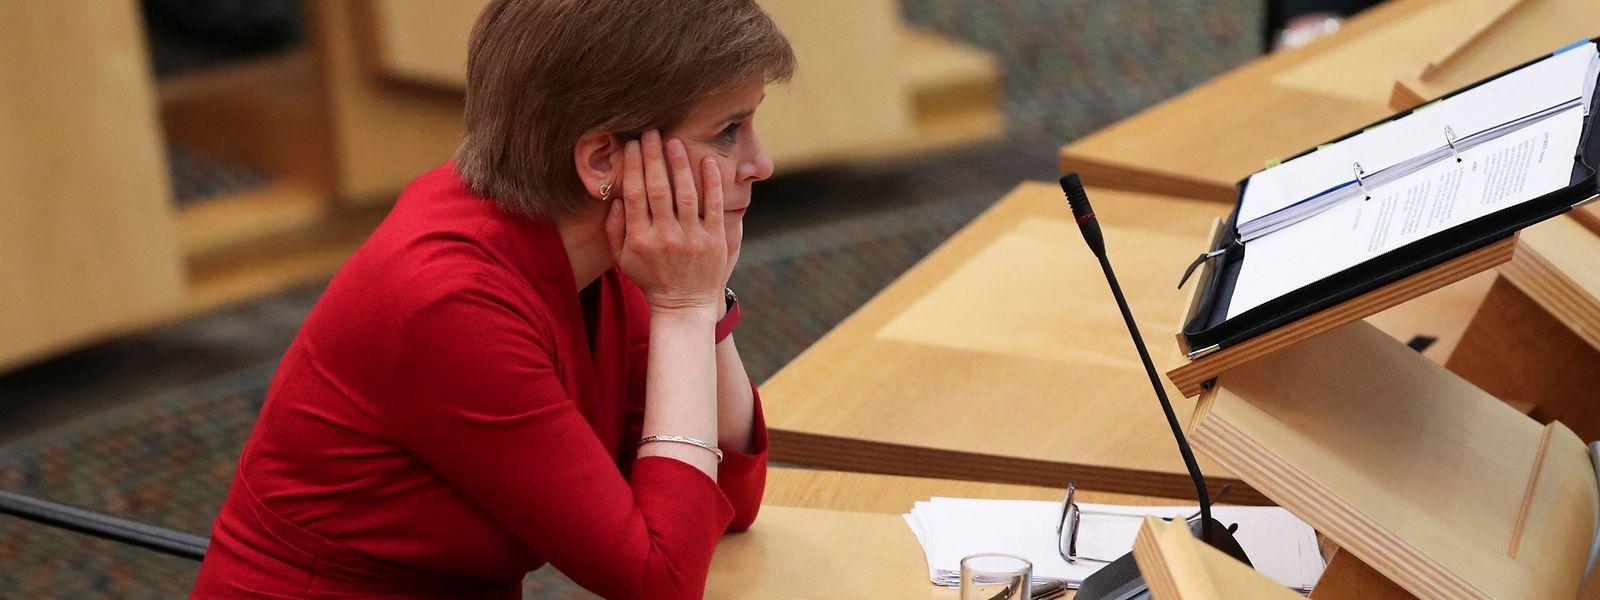 Die schottische Erste Ministerin Nicola Sturgeon ist in der Affäre um ihren Vorgänger unter großen Druck geraten.